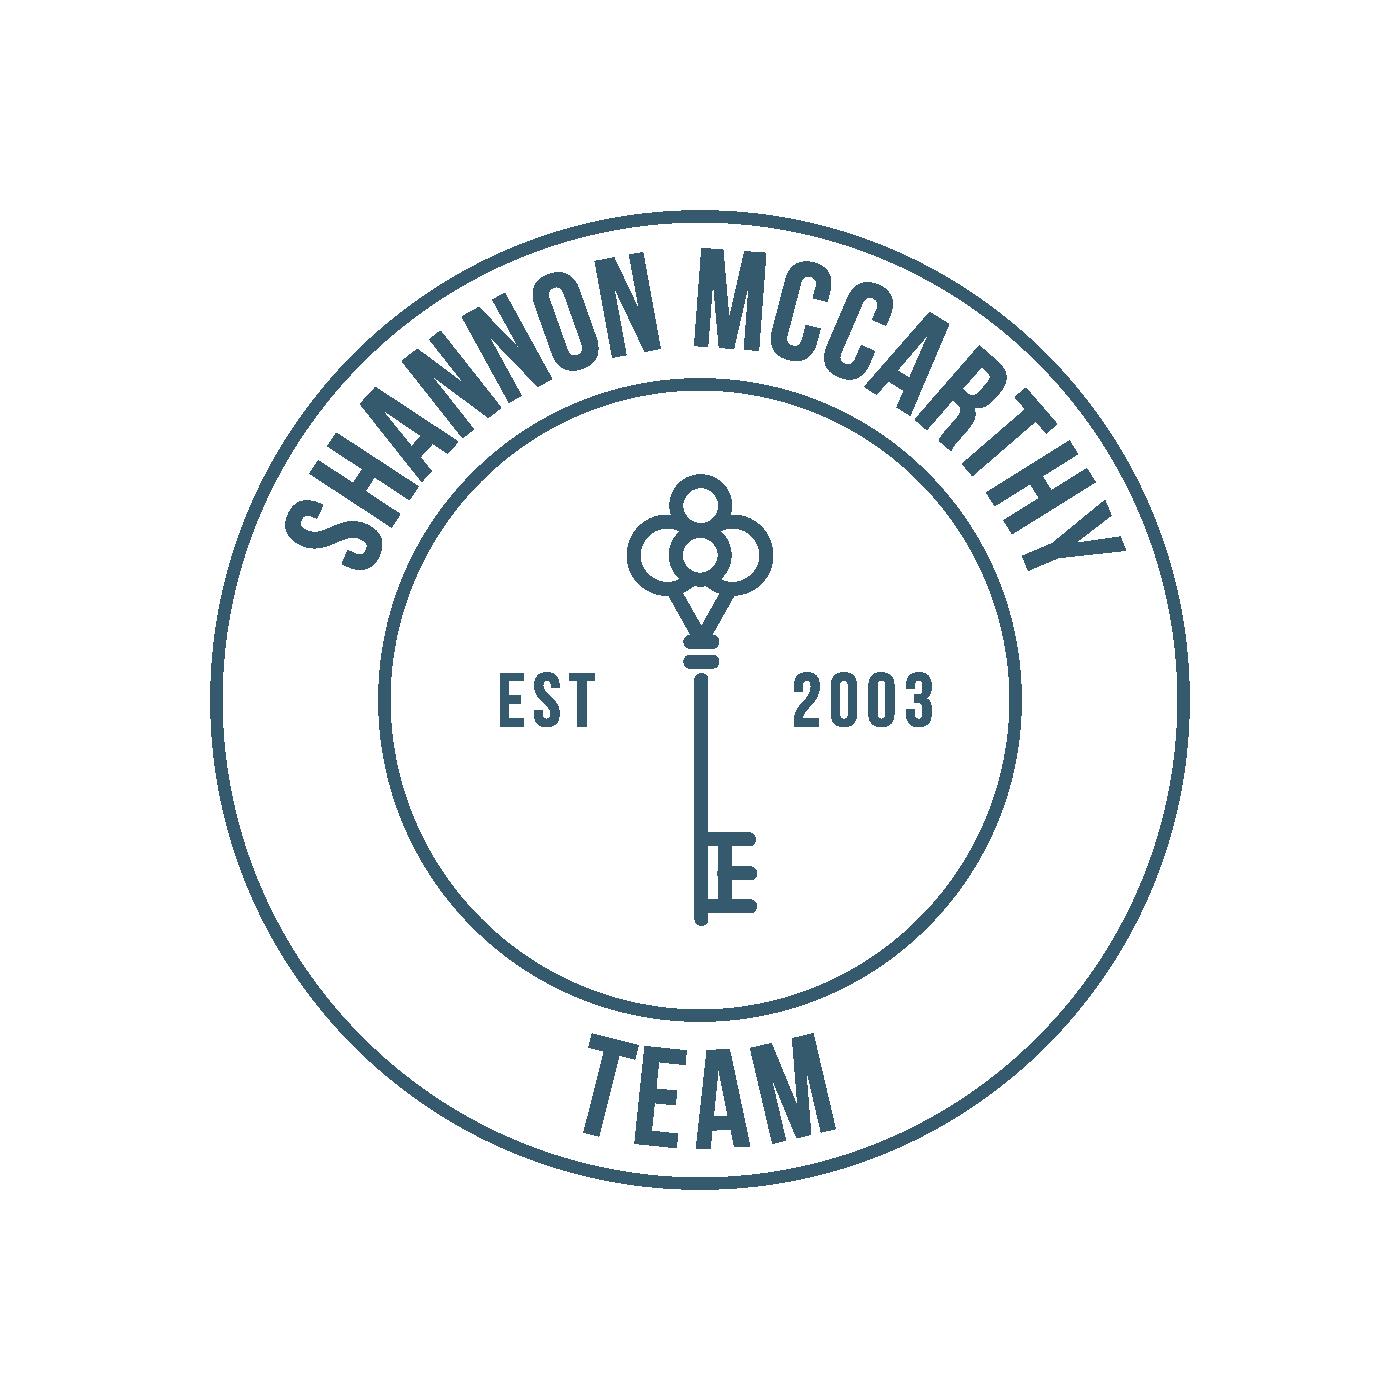 Shannon McCarthy Team logo